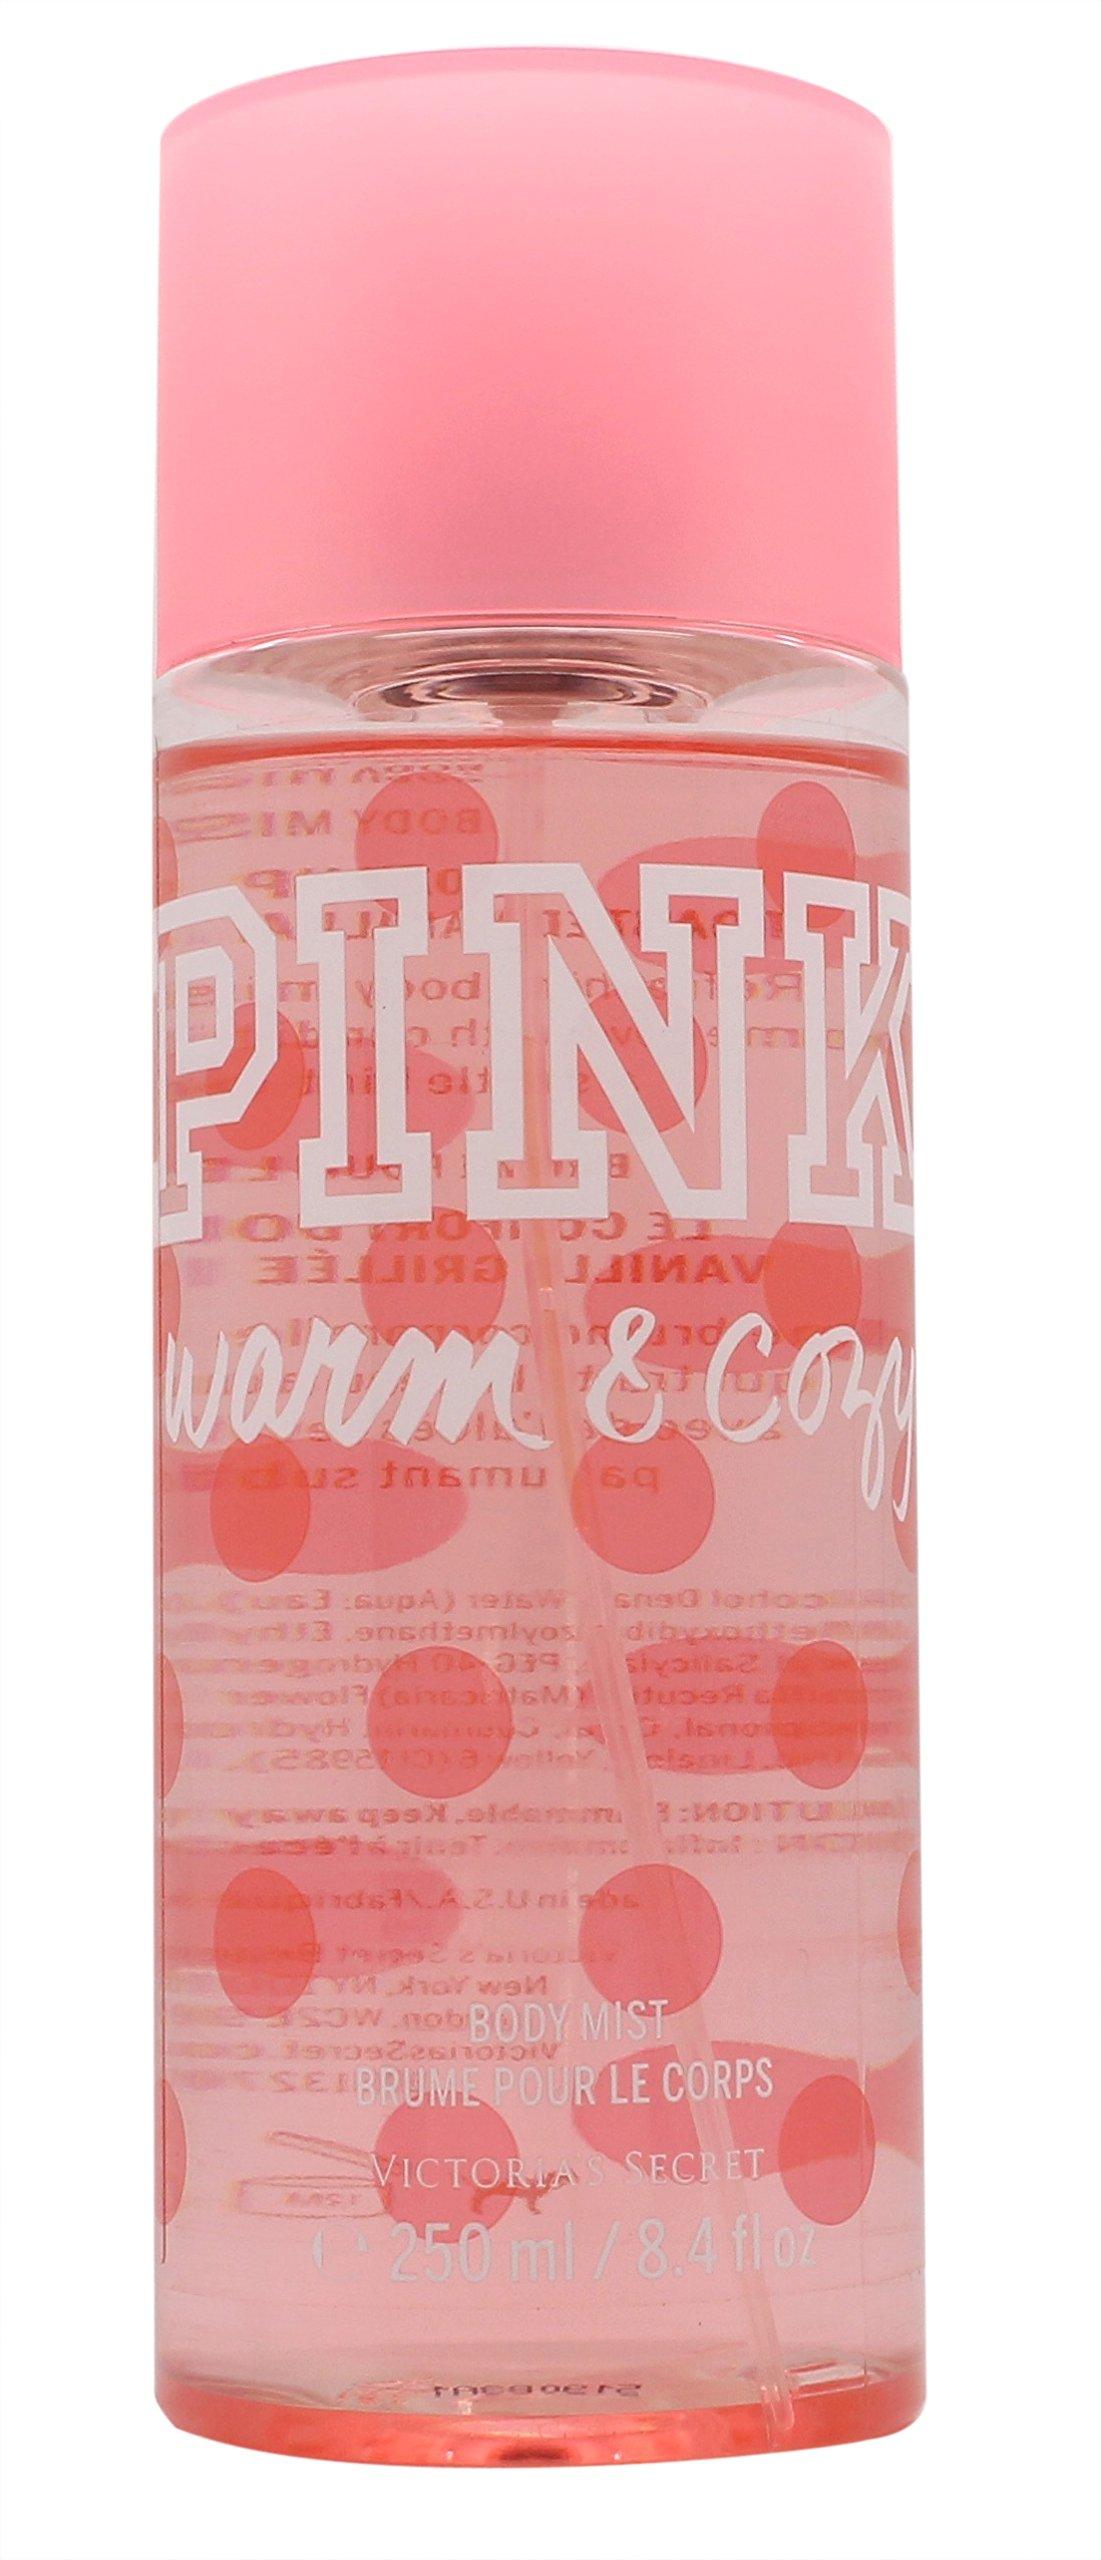 Victoria's Secret Pink With a Splash Warm & Cozy Body Mist 8.4 fl oz